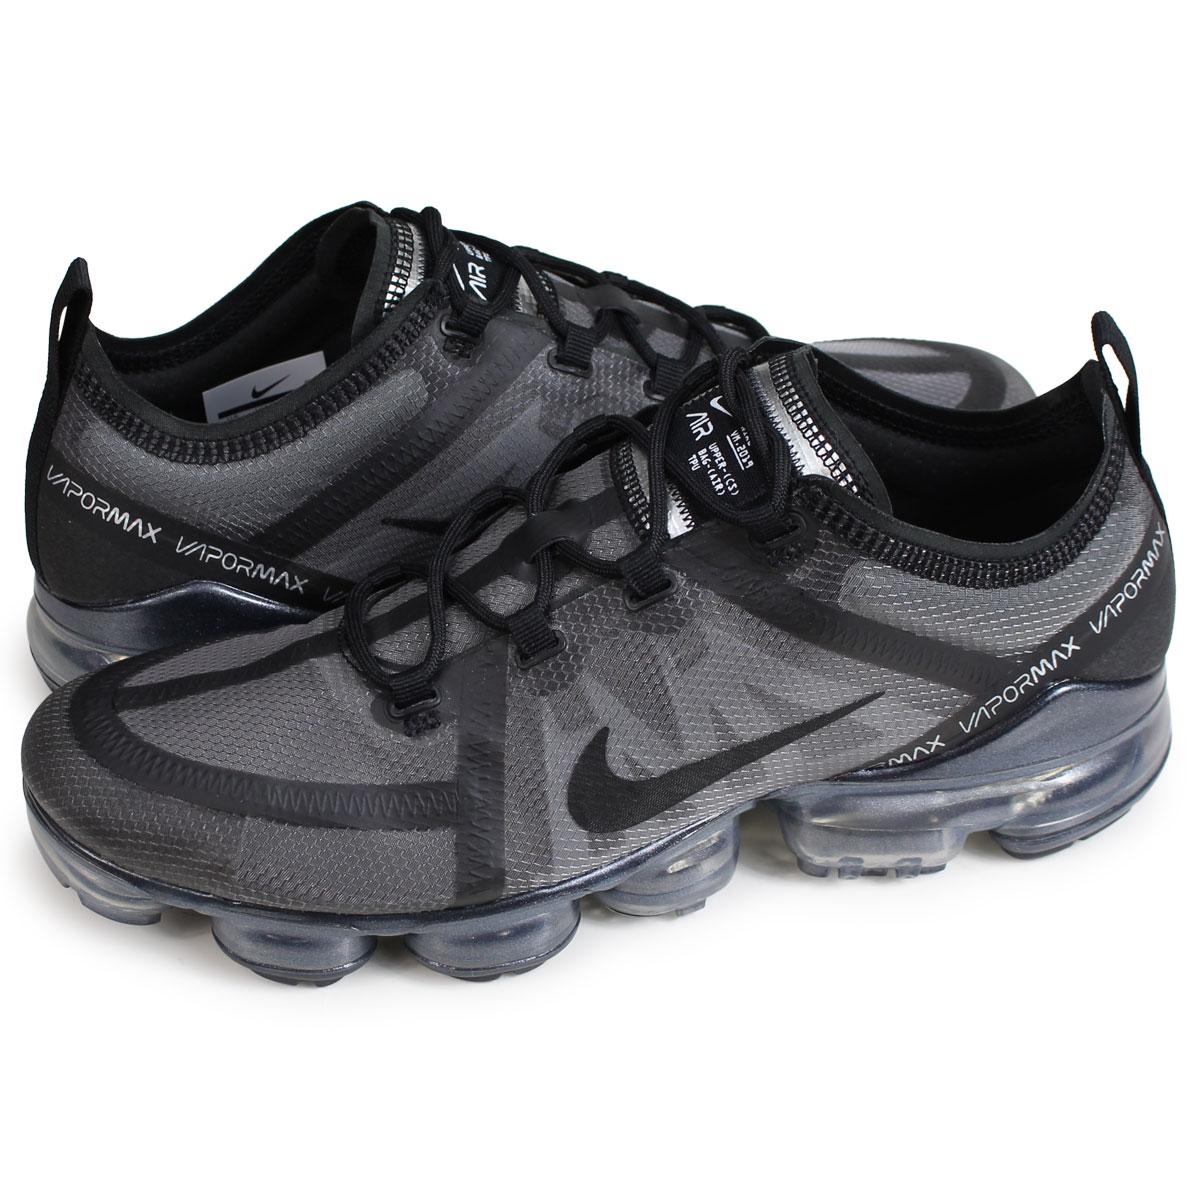 ALLSPORTS: Nike NIKE air vapor max 2019 sneakers men AIR ...